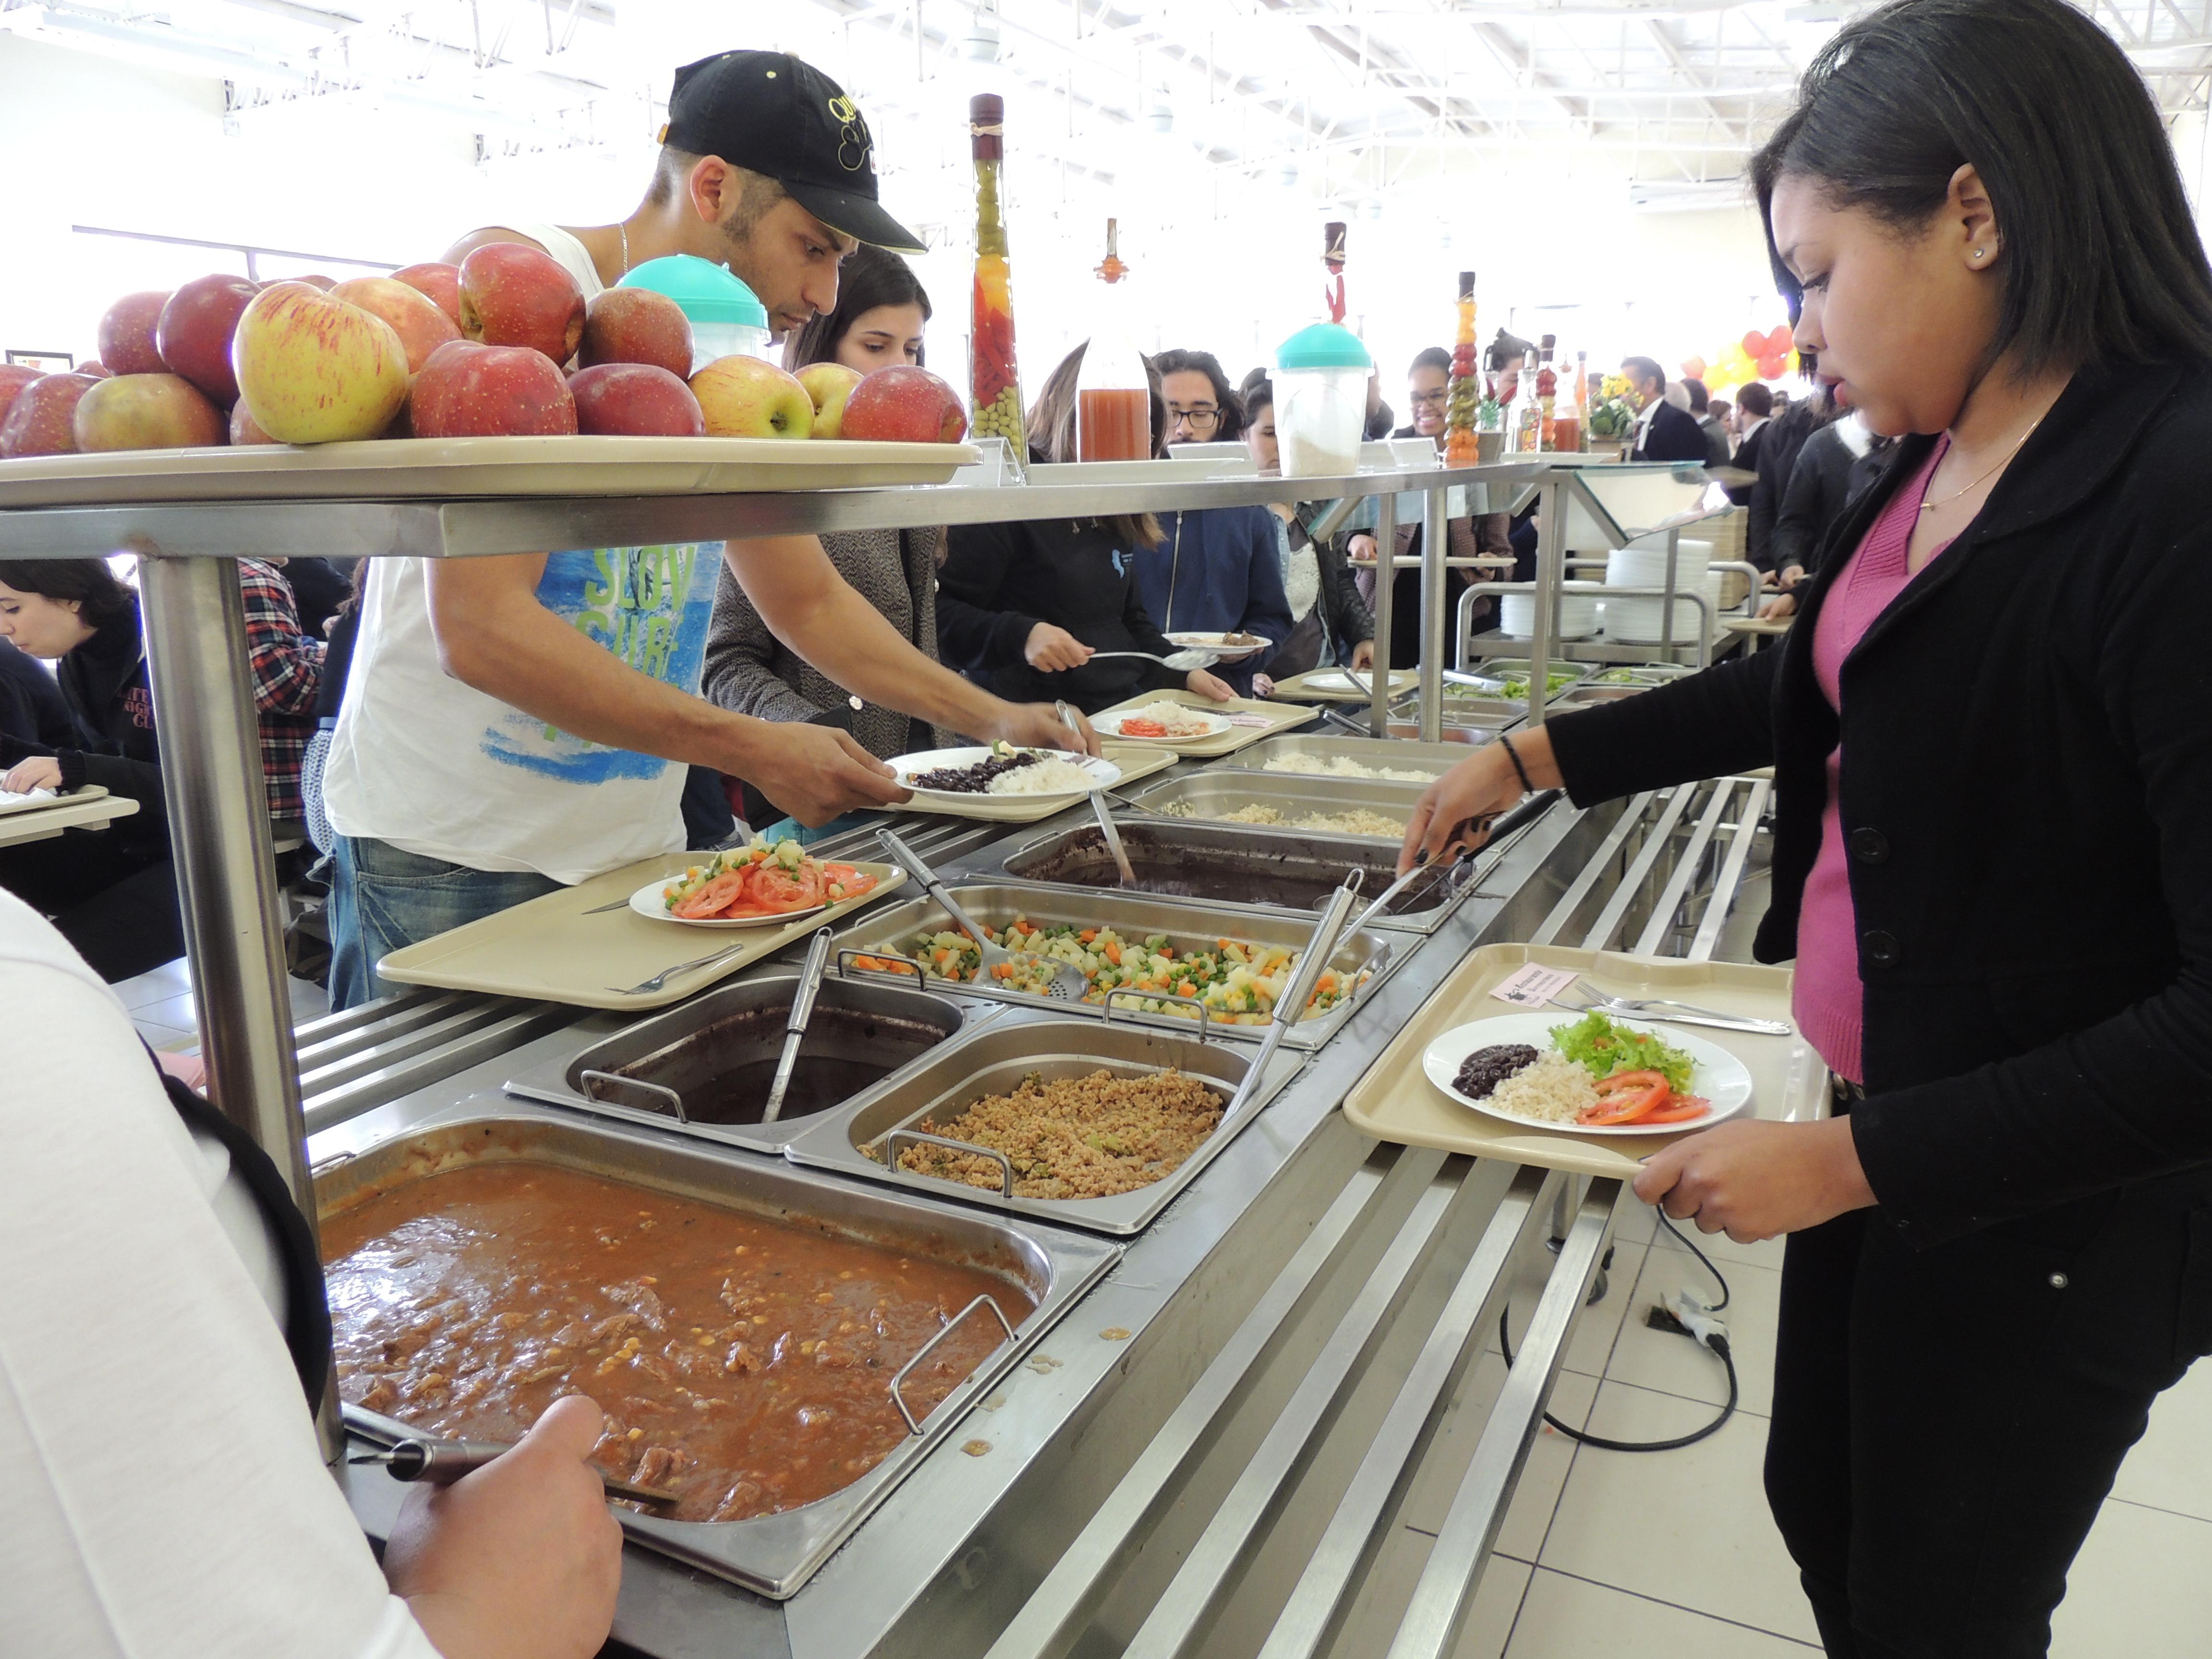 RU passa a ter nova tarifa aos estudantes. Na imagem, estudantes servem-se no buffet do RU - foto: Aline Reinhardt/Unipampa